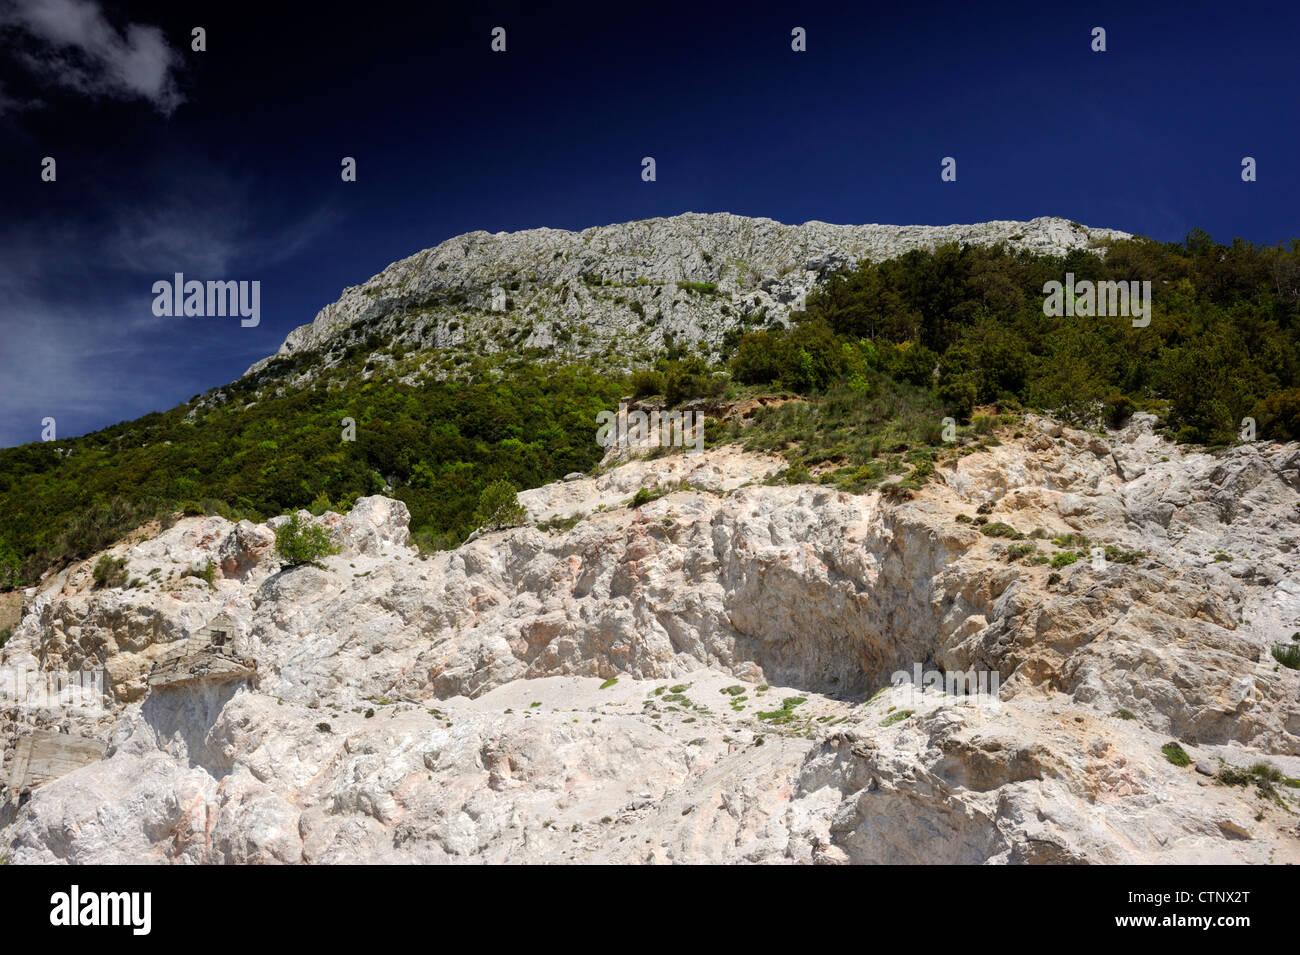 L'Italie, la Basilicate, parc national du Pollino, mont alpi, carrière de marbre Photo Stock